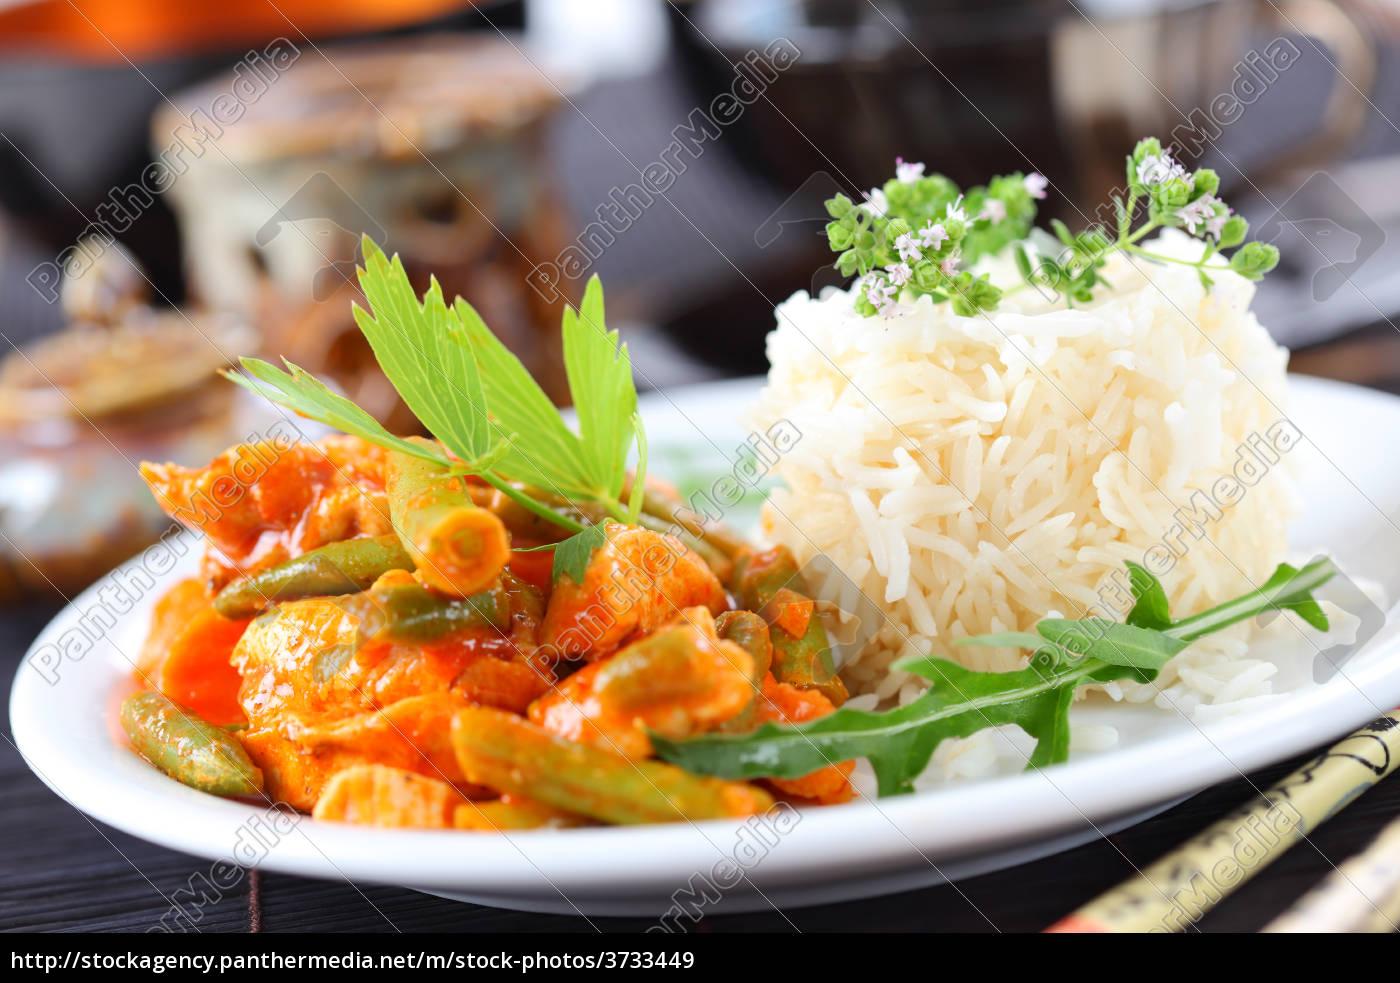 red, chicken, curry, streifen, mit, reis - 3733449